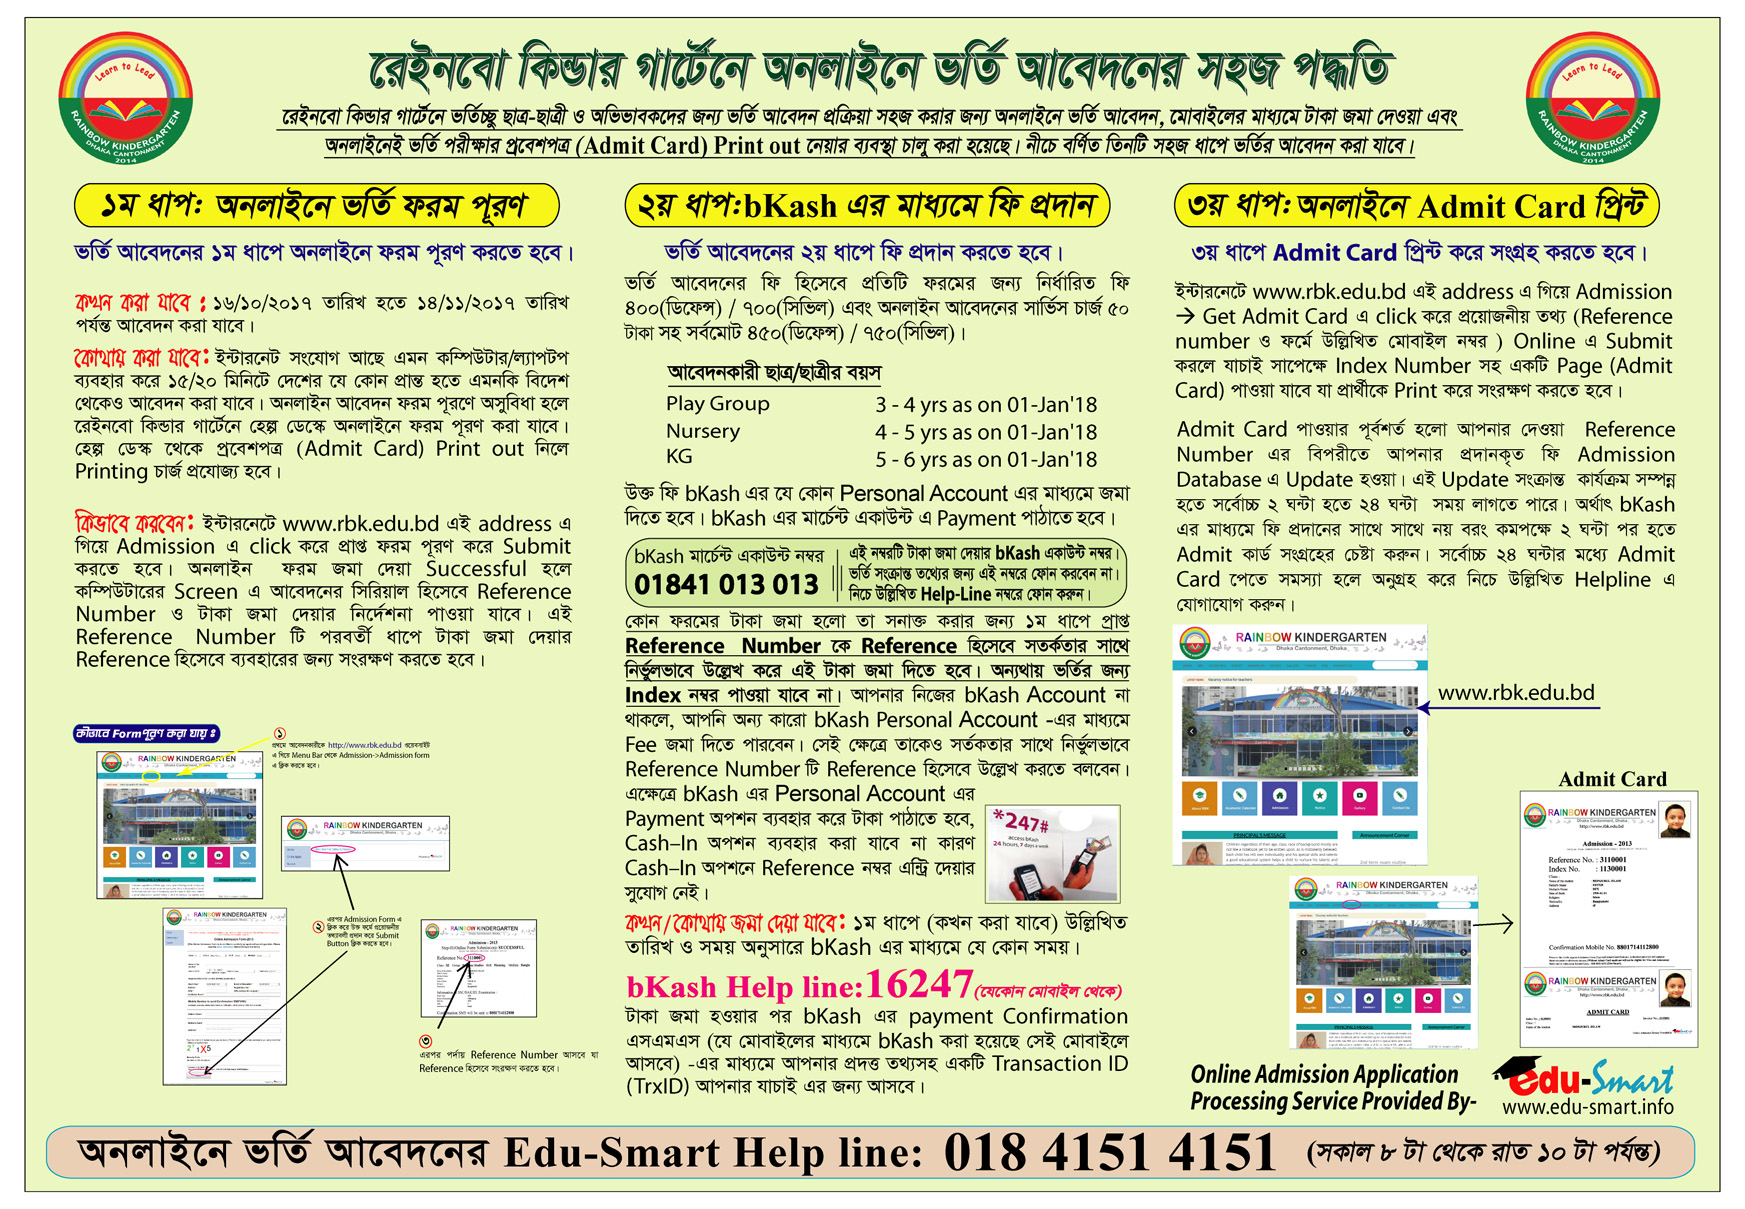 RBK online admission process_10-10-16.ai